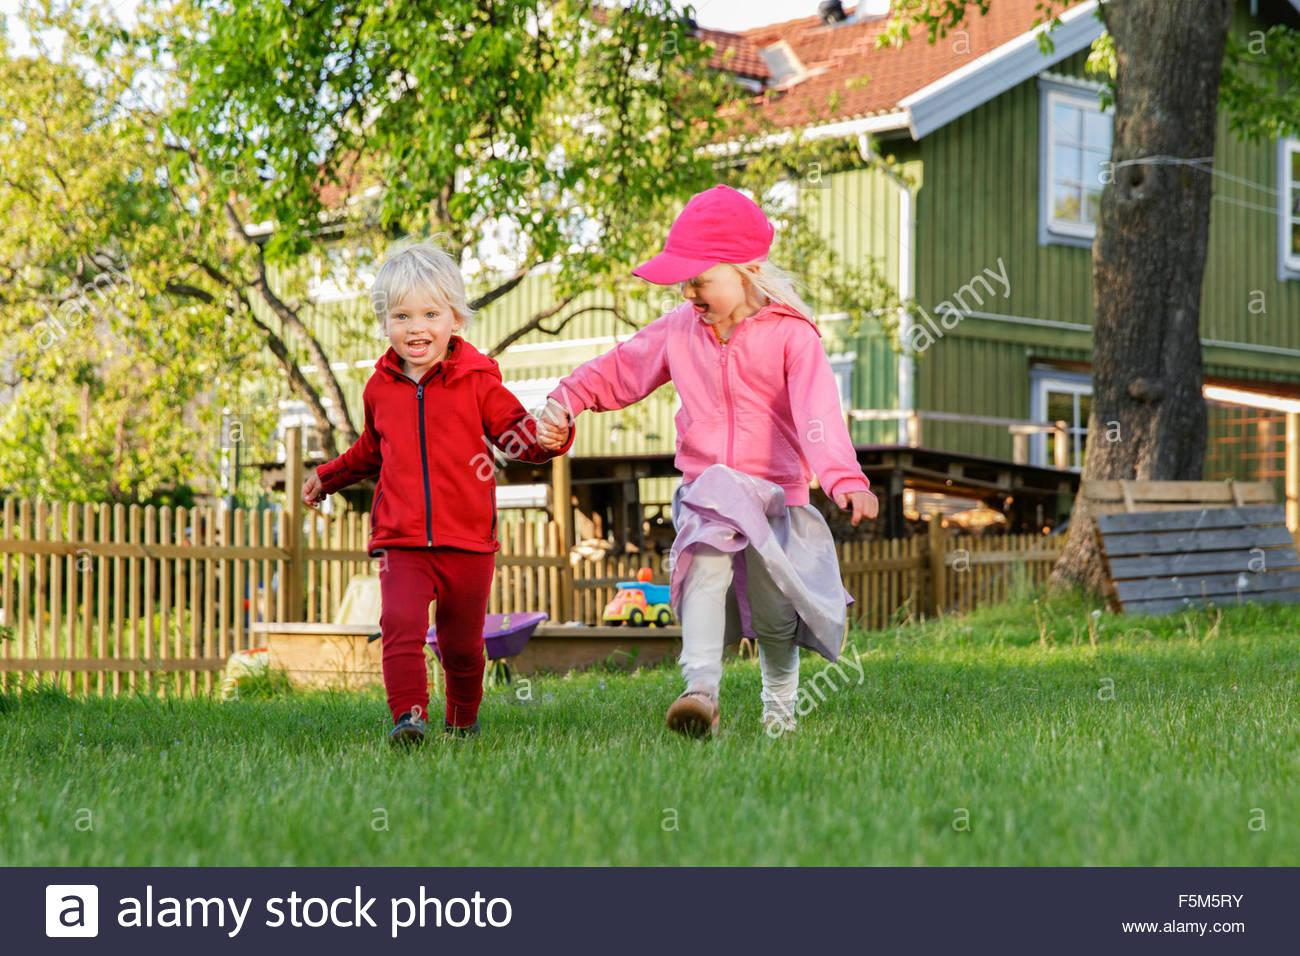 Schweden, Sodermanland, Jarna, auf Vorgarten spielende Kinder (2-3-4-5) Stockbild